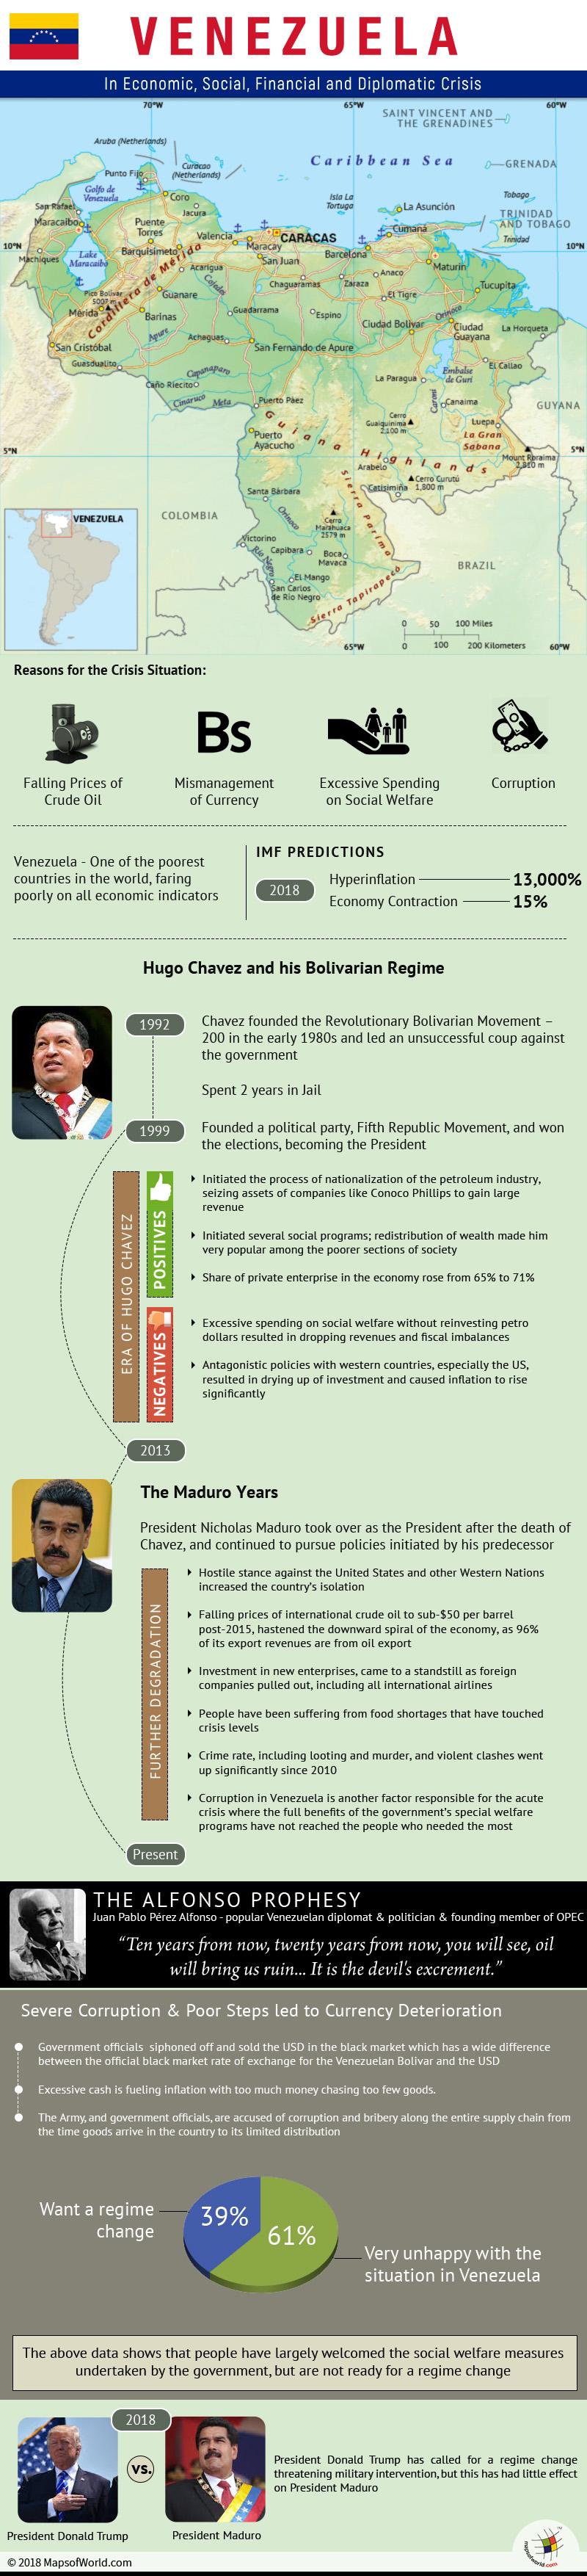 Infographic on Venezuela crisis